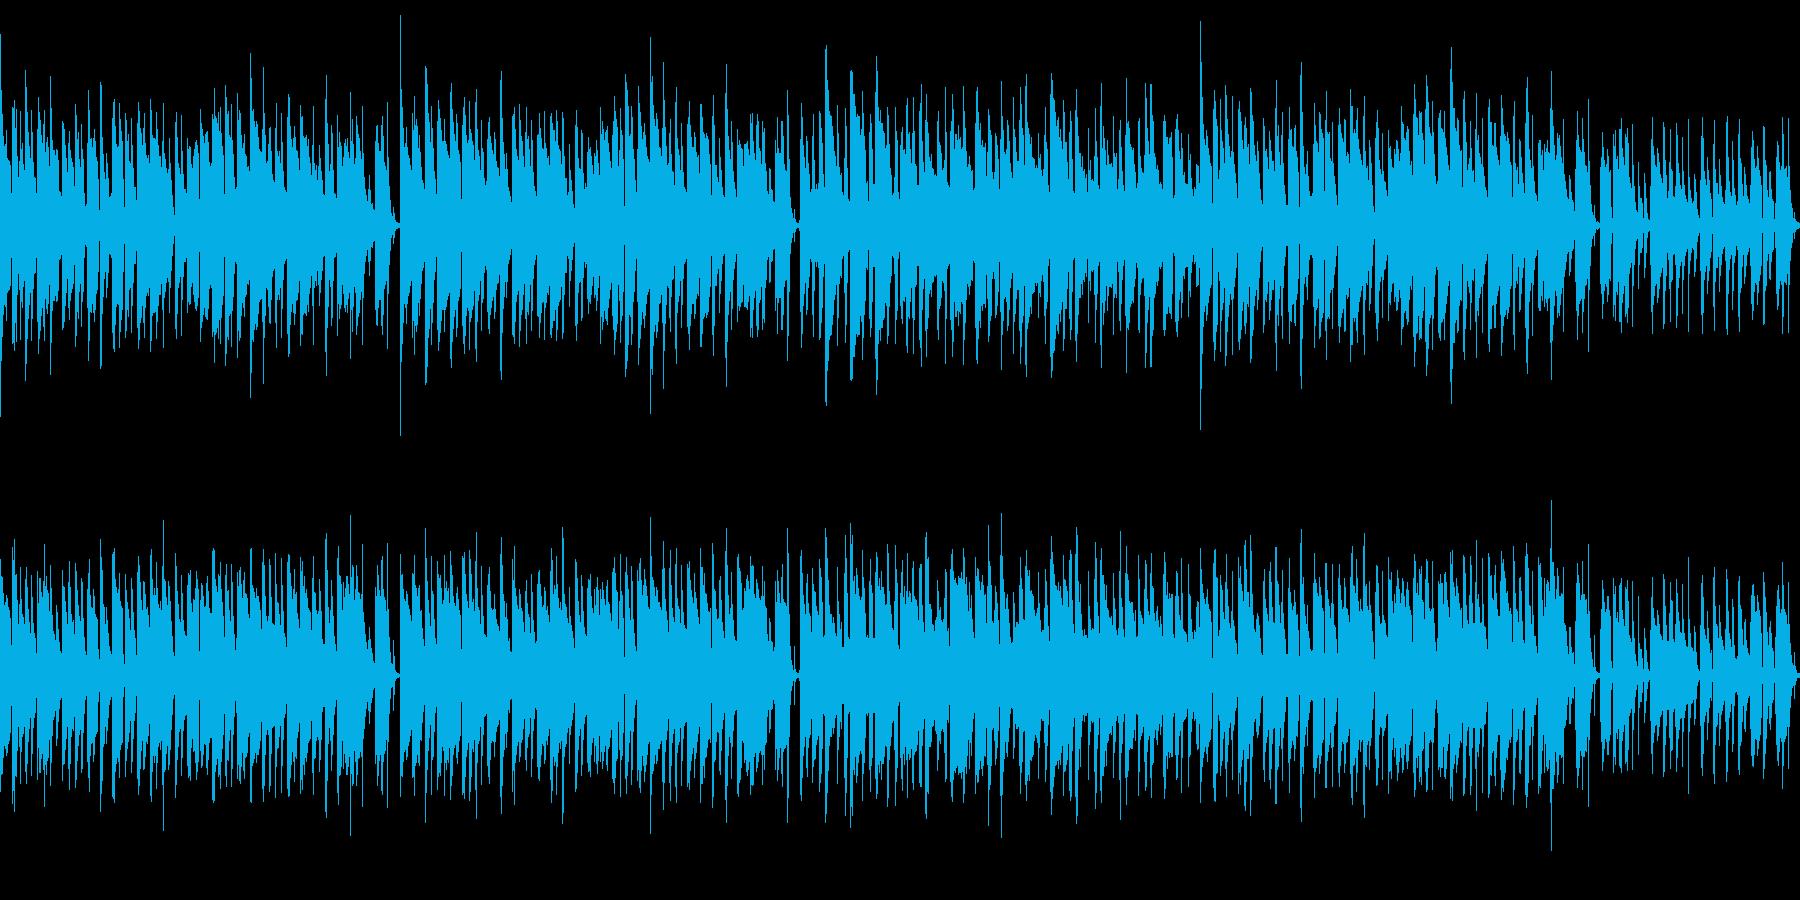 ほのぼのとしたセミナー向け音楽の再生済みの波形